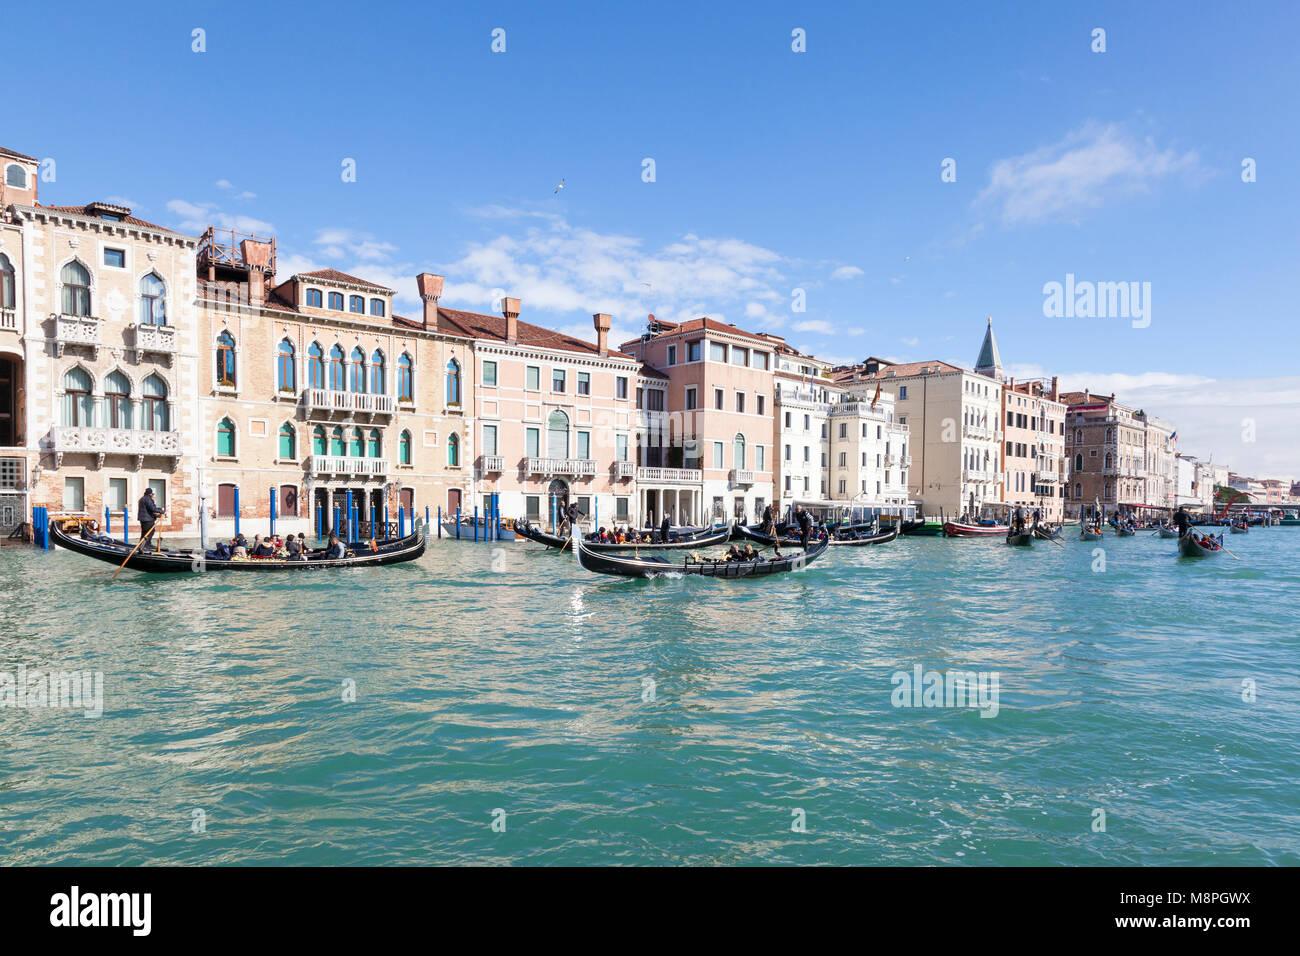 Besetzt Gondel Verkehr mit Touristen Sightseeing auf dem Canal Grande und St. Marks Becken, San Marco, Venedig, Stockbild